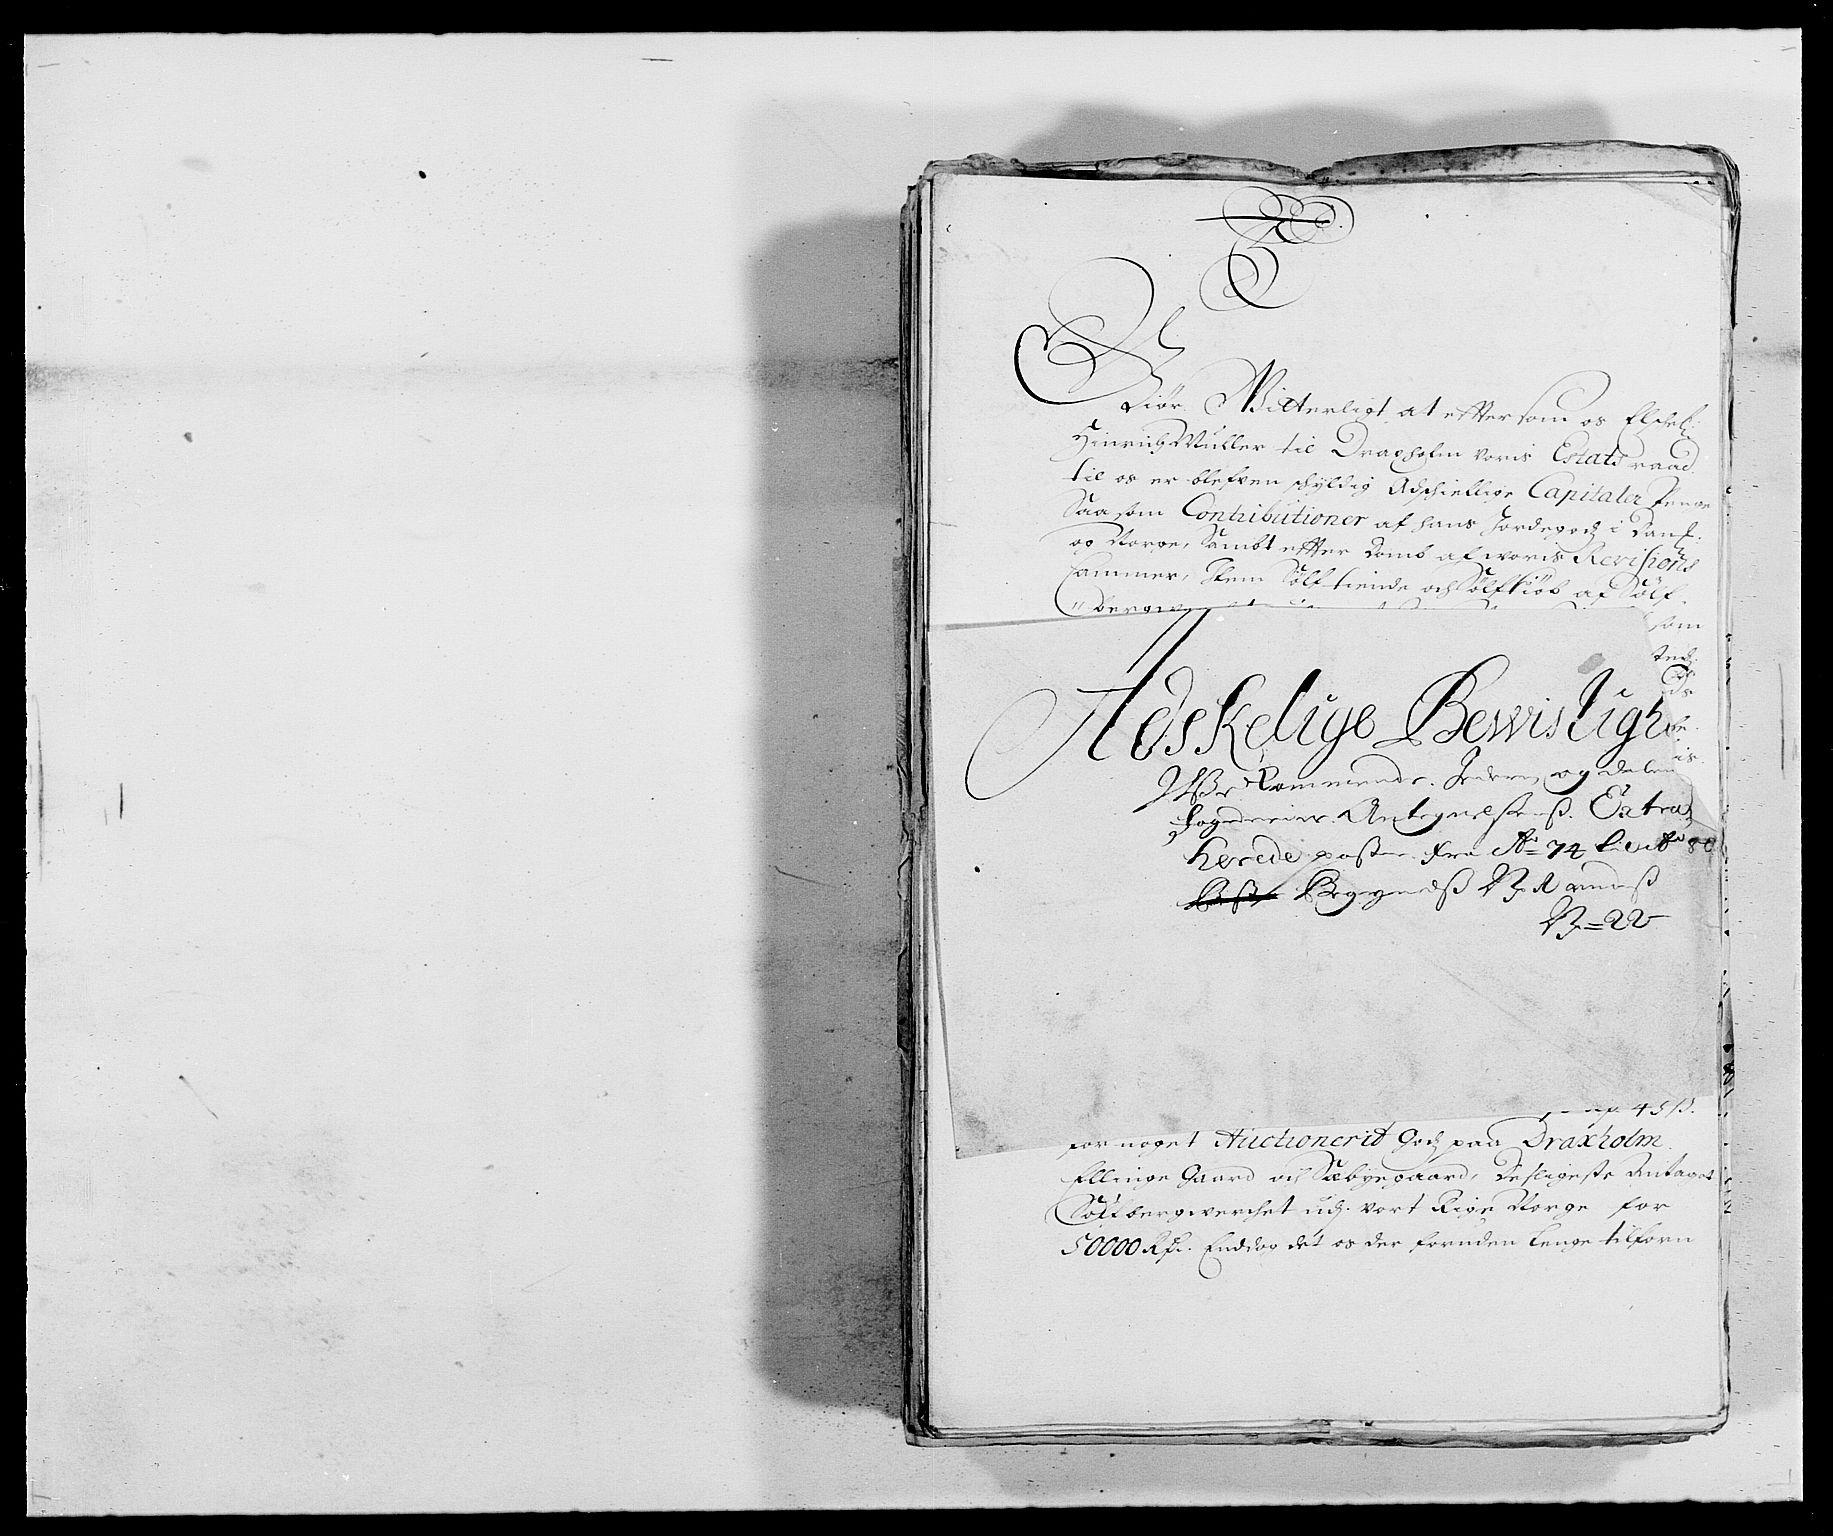 RA, Rentekammeret inntil 1814, Reviderte regnskaper, Fogderegnskap, R46/L2720: Fogderegnskap Jæren og Dalane, 1679, s. 177